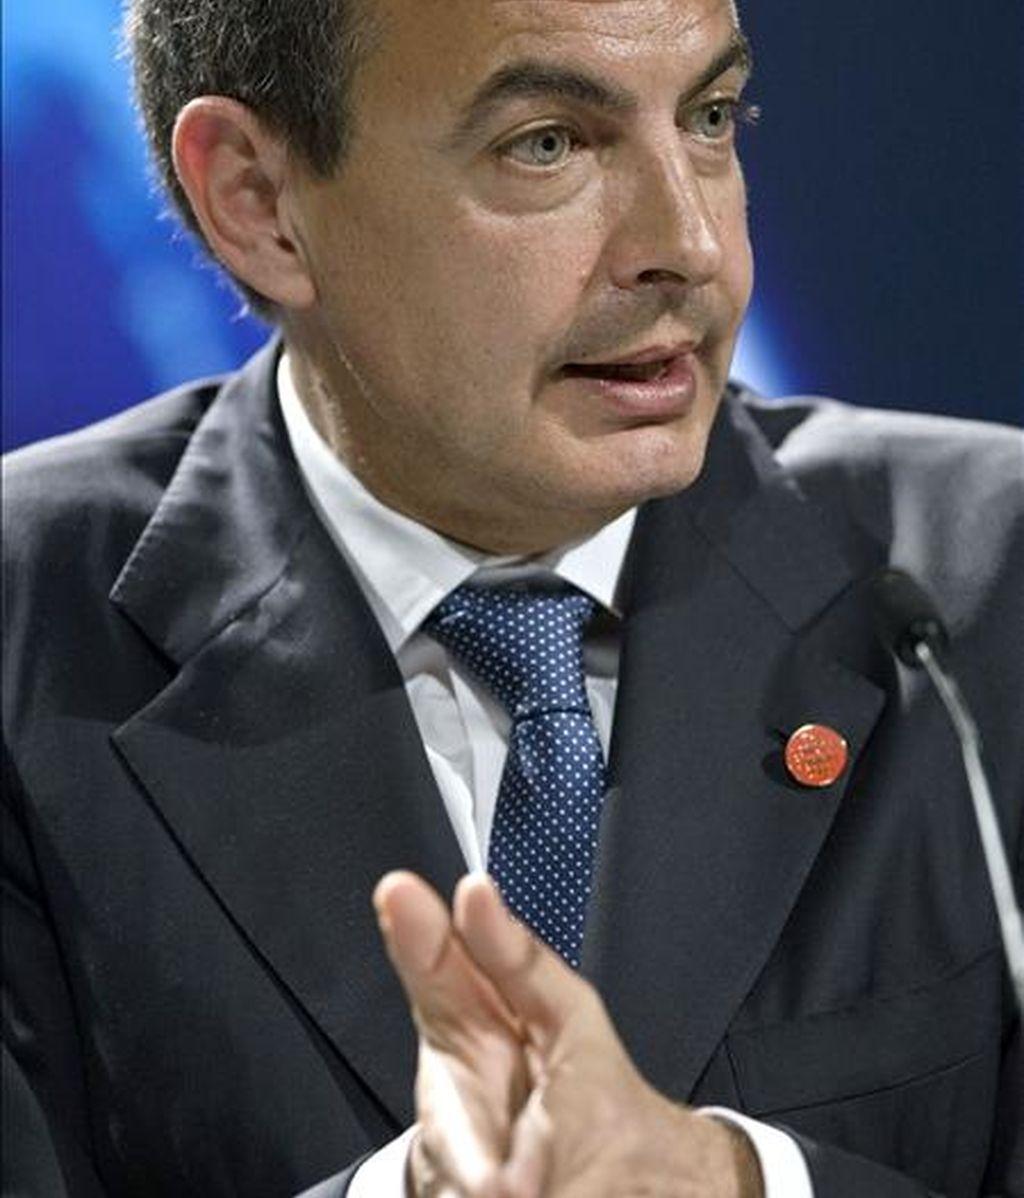 Zapatero se ha encontrado de nuevo con Barack Obama en el concierto del aniversario de la OTAN. Vídeo: Atlas